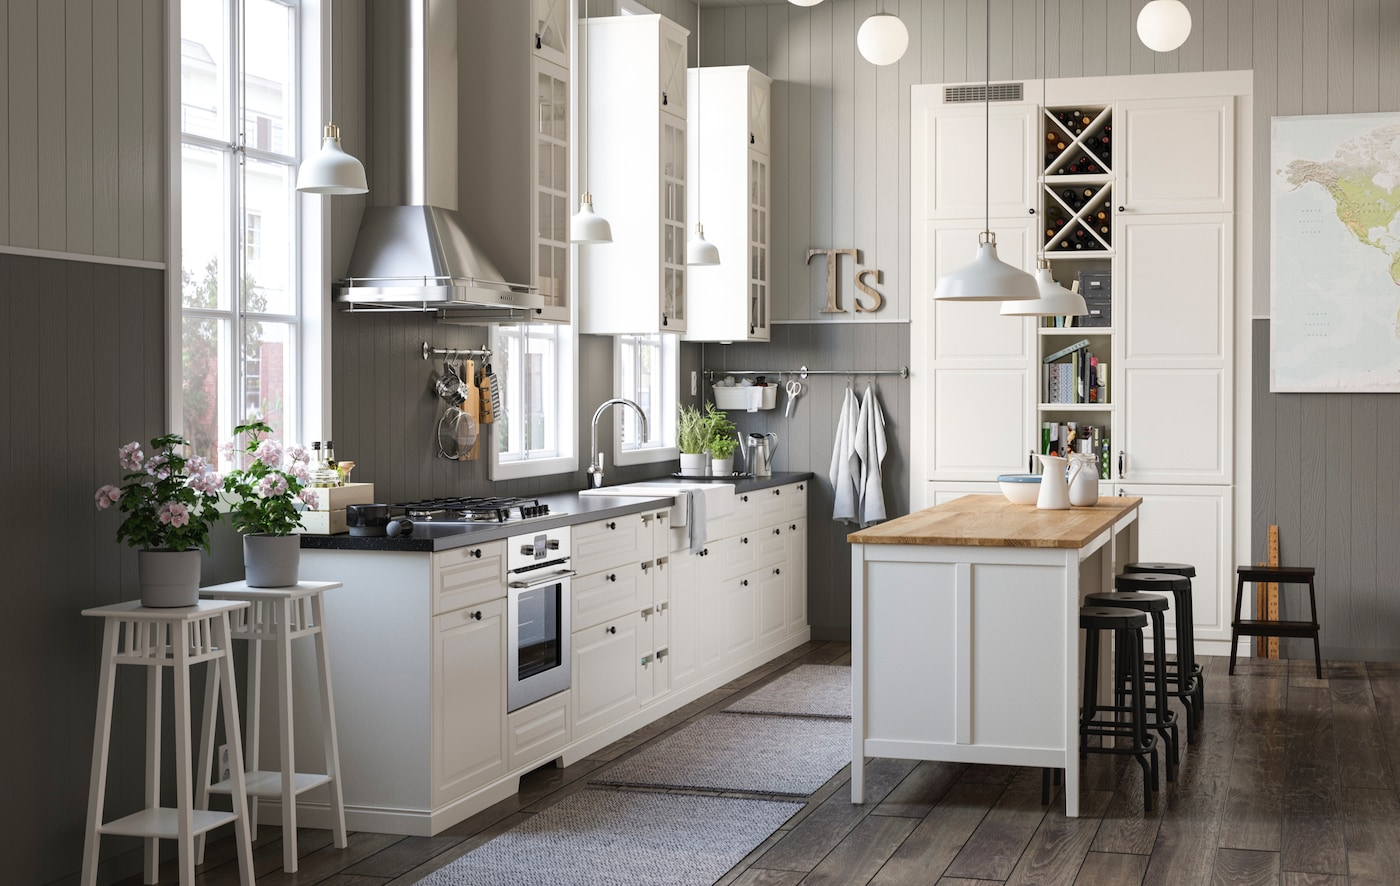 Küchenplanung: Selbst oder vom Profi planen lassen - IKEA Deutschland